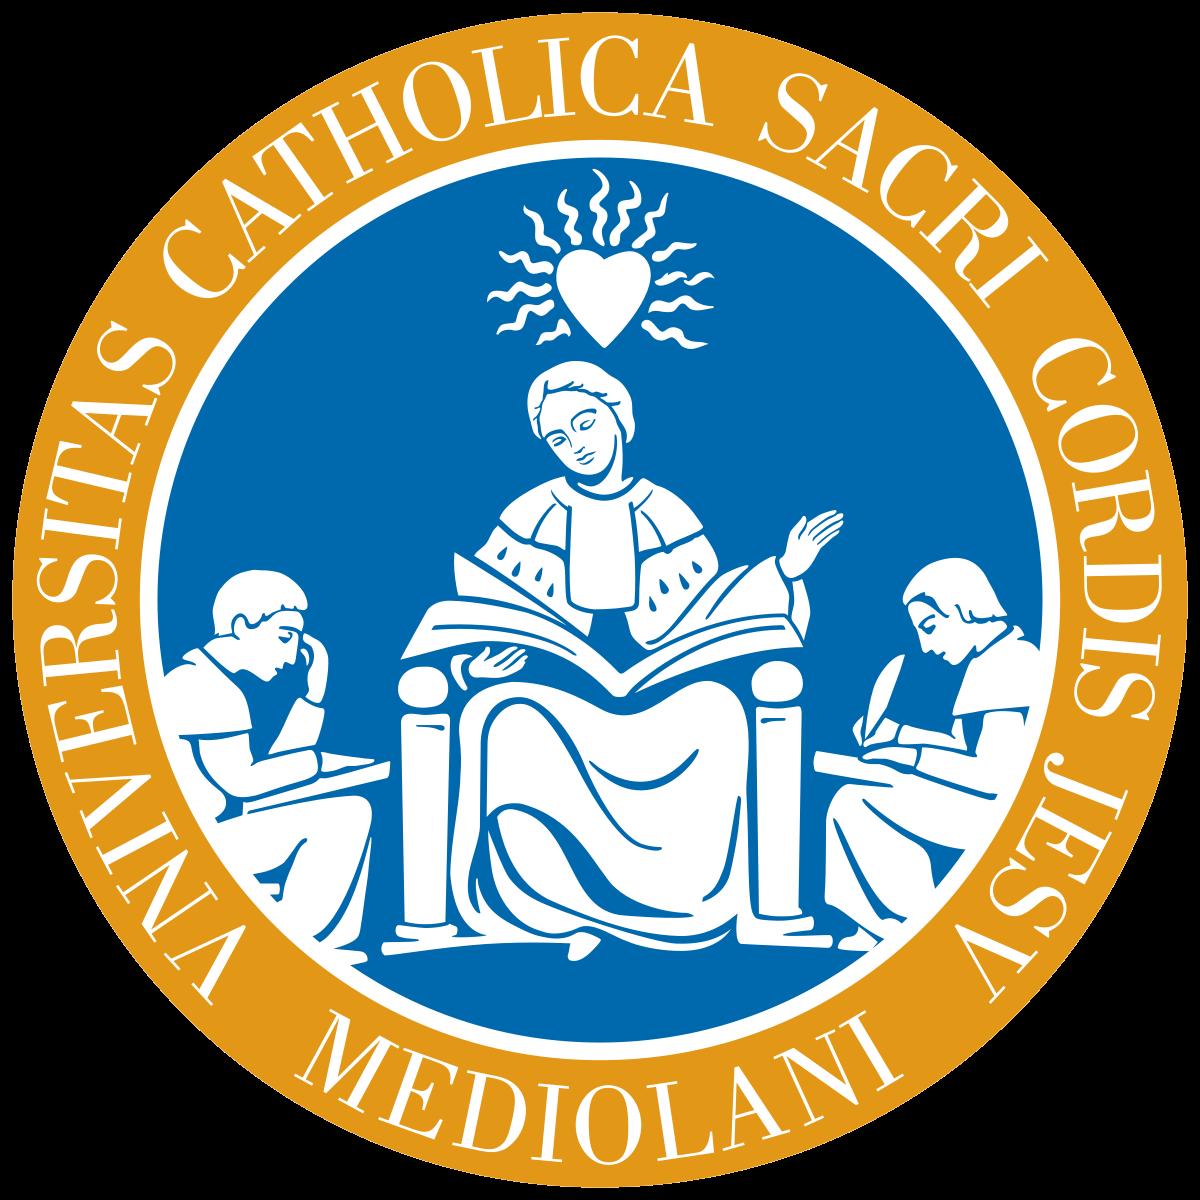 Università_Cattolica